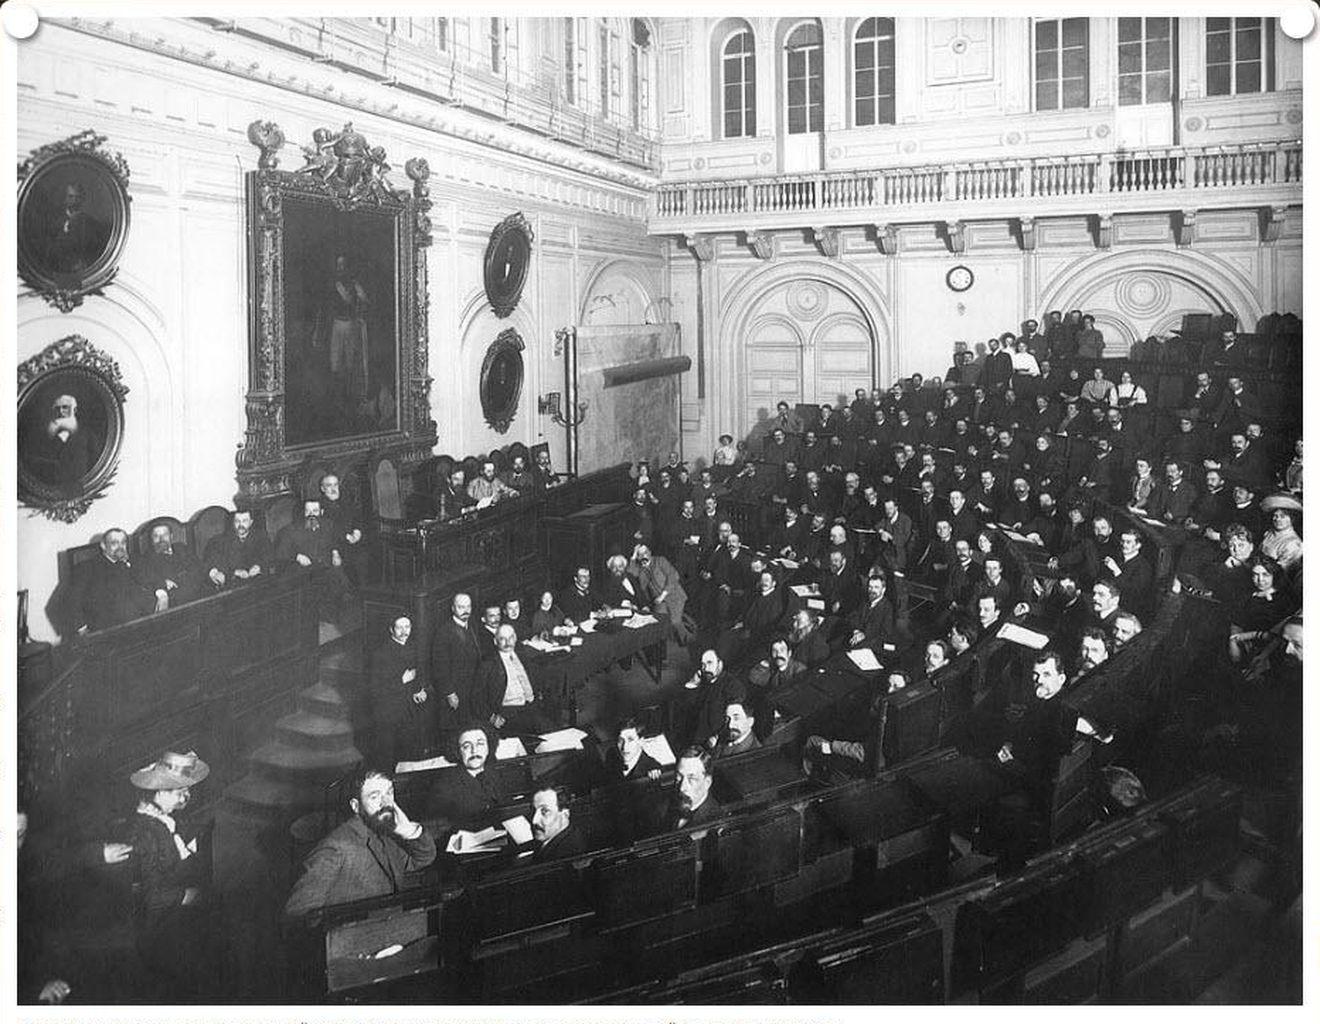 1912. Съезд представителей старообрядческих общин в зале Городской думы